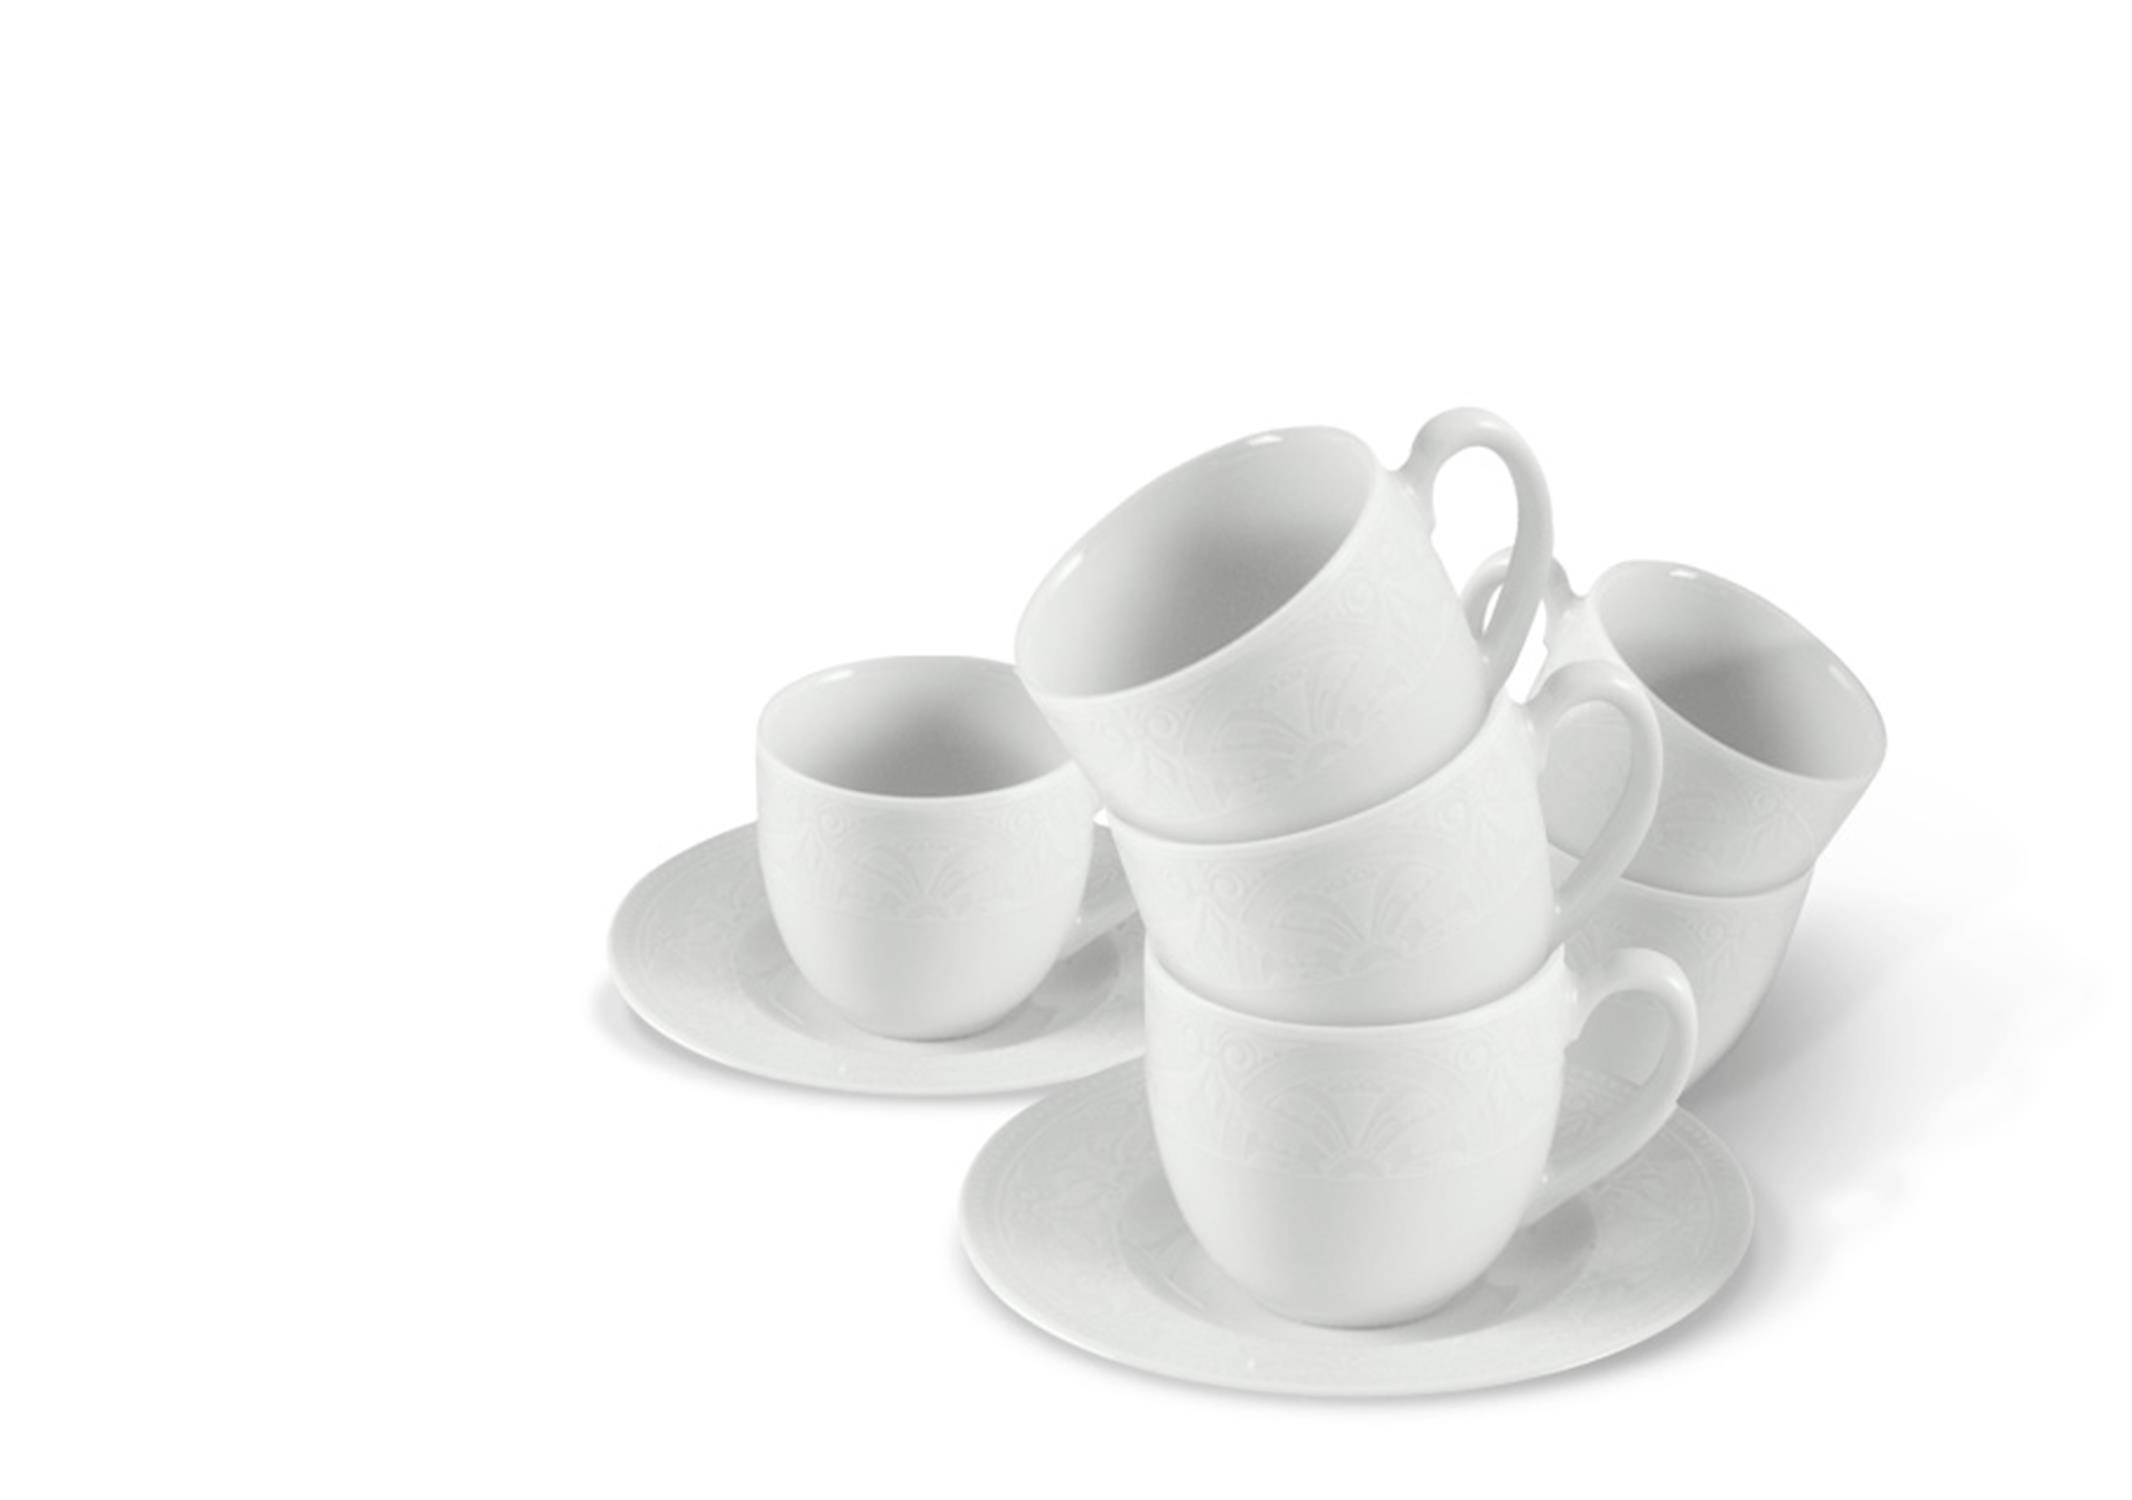 Φλιτζάνι καφέ με πιατάκι σετ 6 τεμαχίων από πορσελάνη Nostalgia ΙΩΝΙΑ